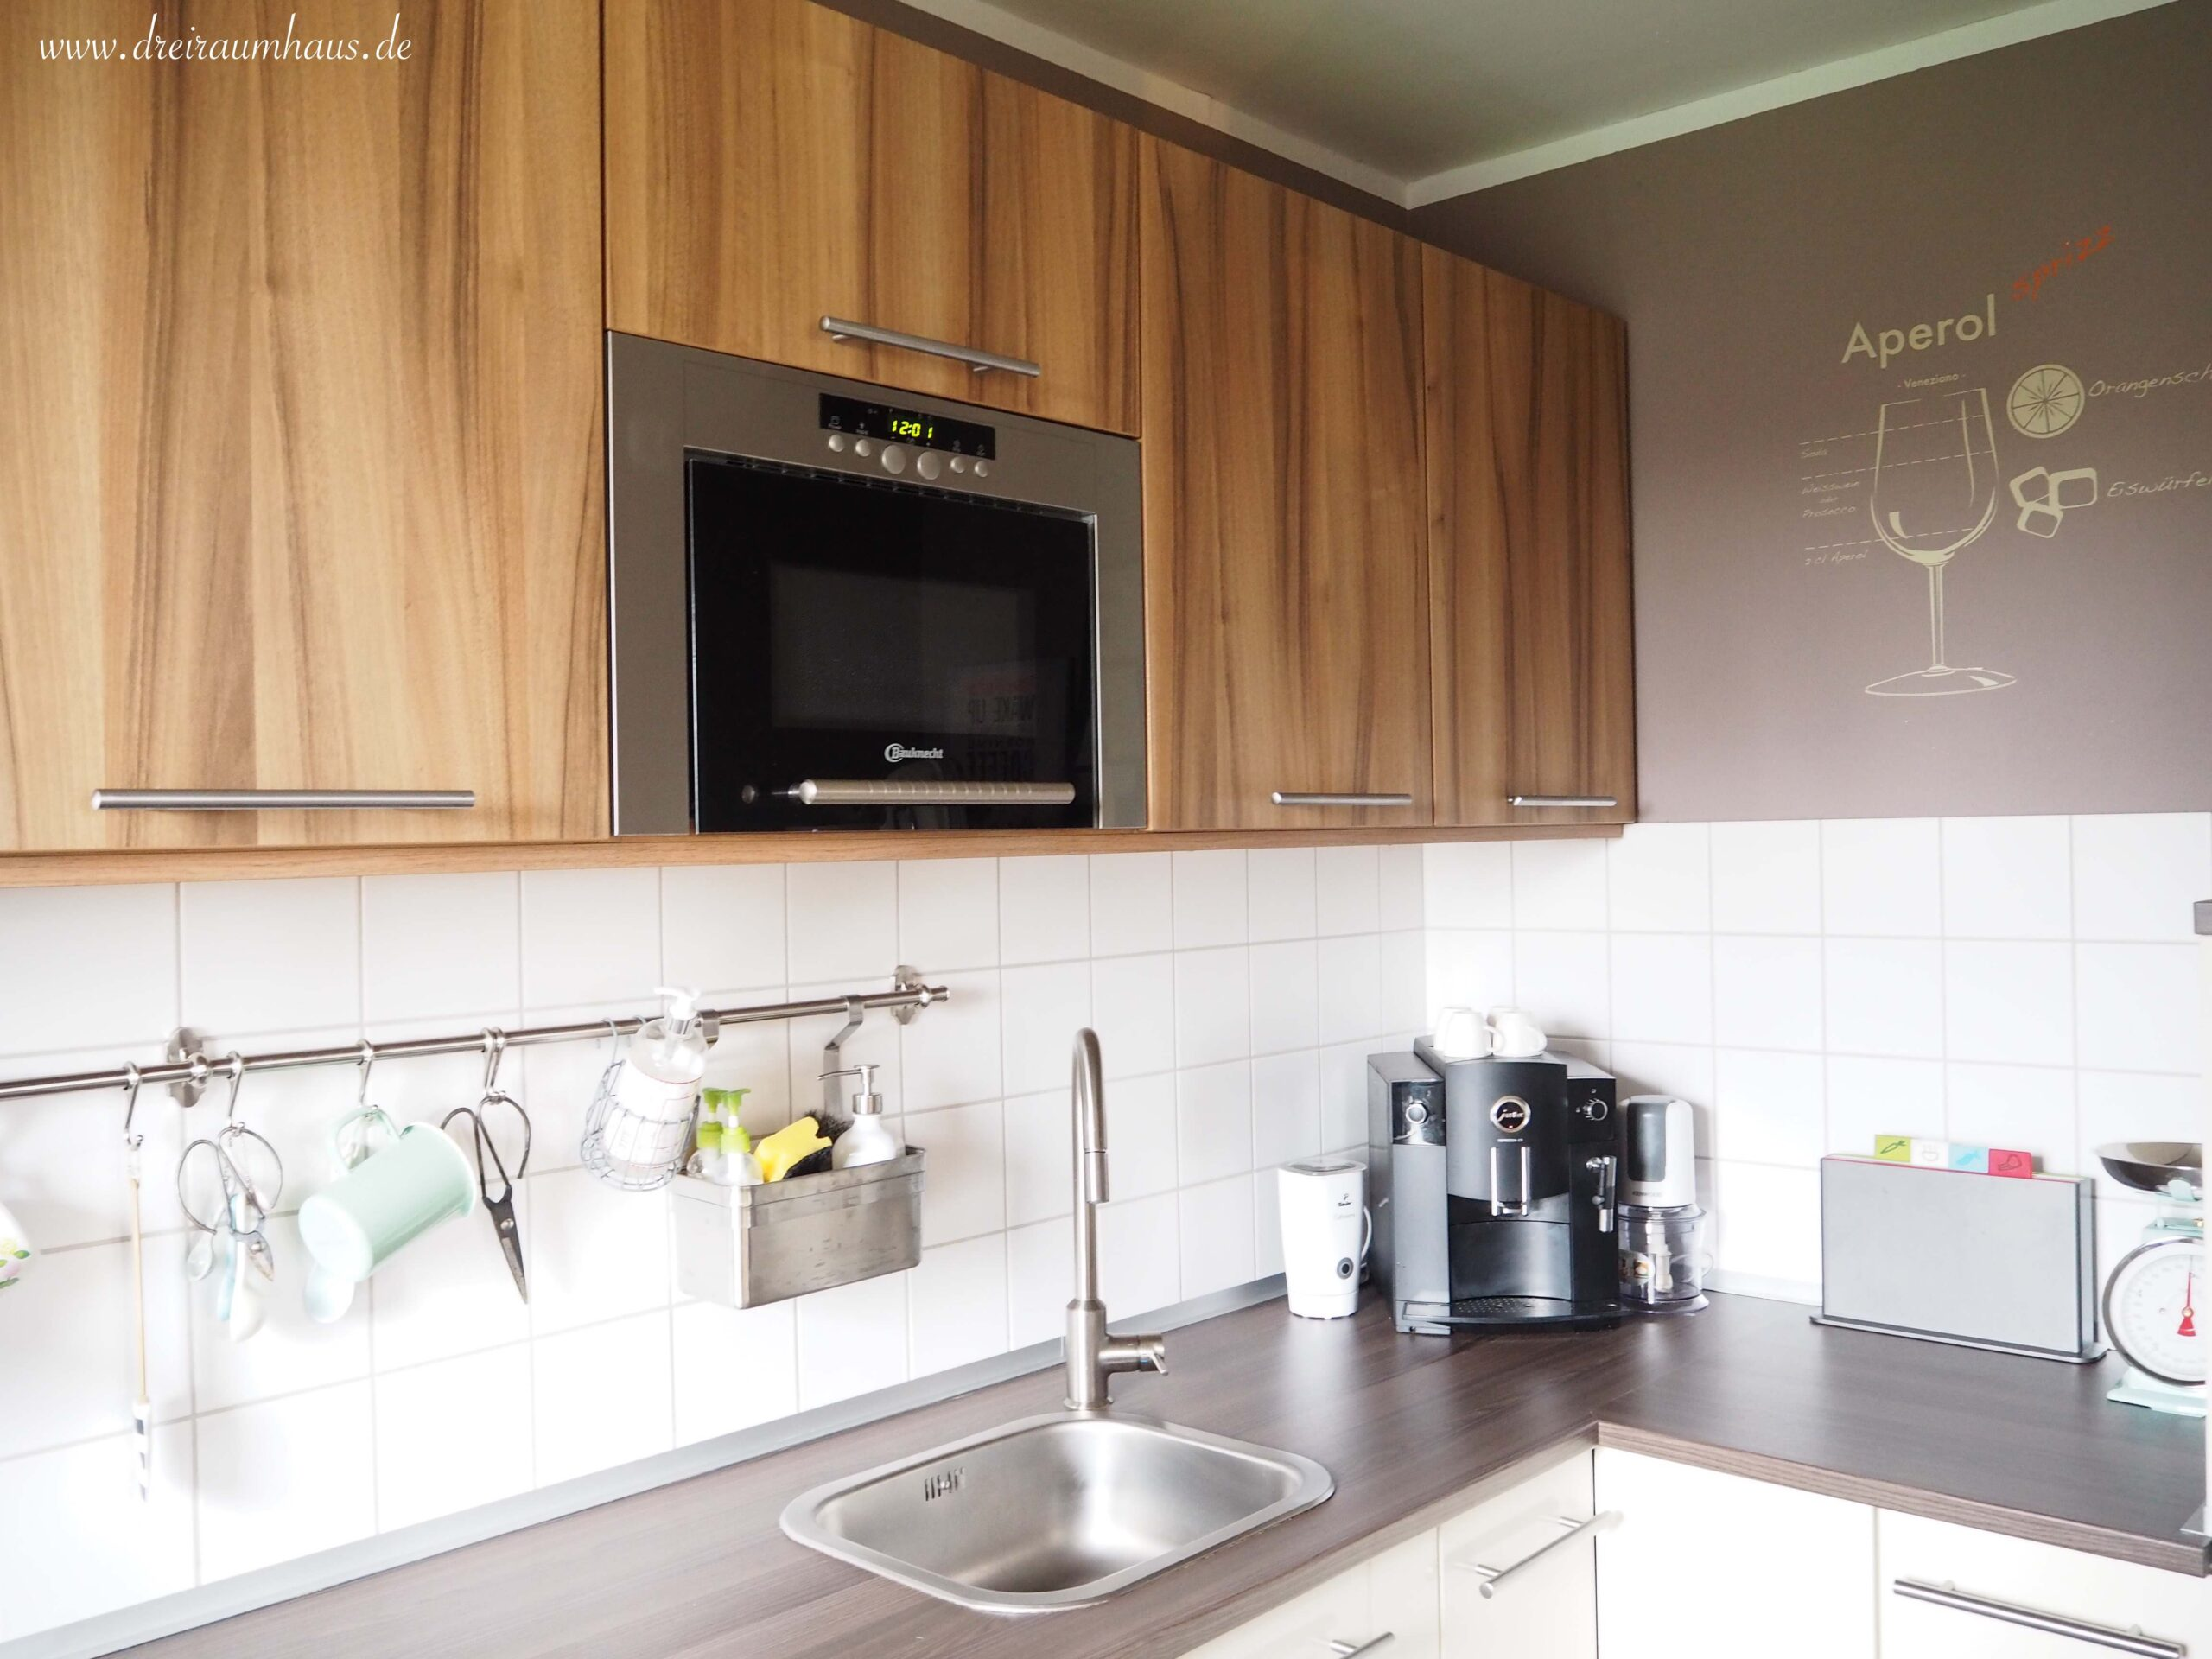 Full Size of Ikea Kche Metodplan Mich Bitte Selbst Küche Kosten Modulküche Betten 160x200 Sofa Mit Schlaffunktion Kaufen Bei Miniküche Wohnzimmer Ikea Küchenzeile